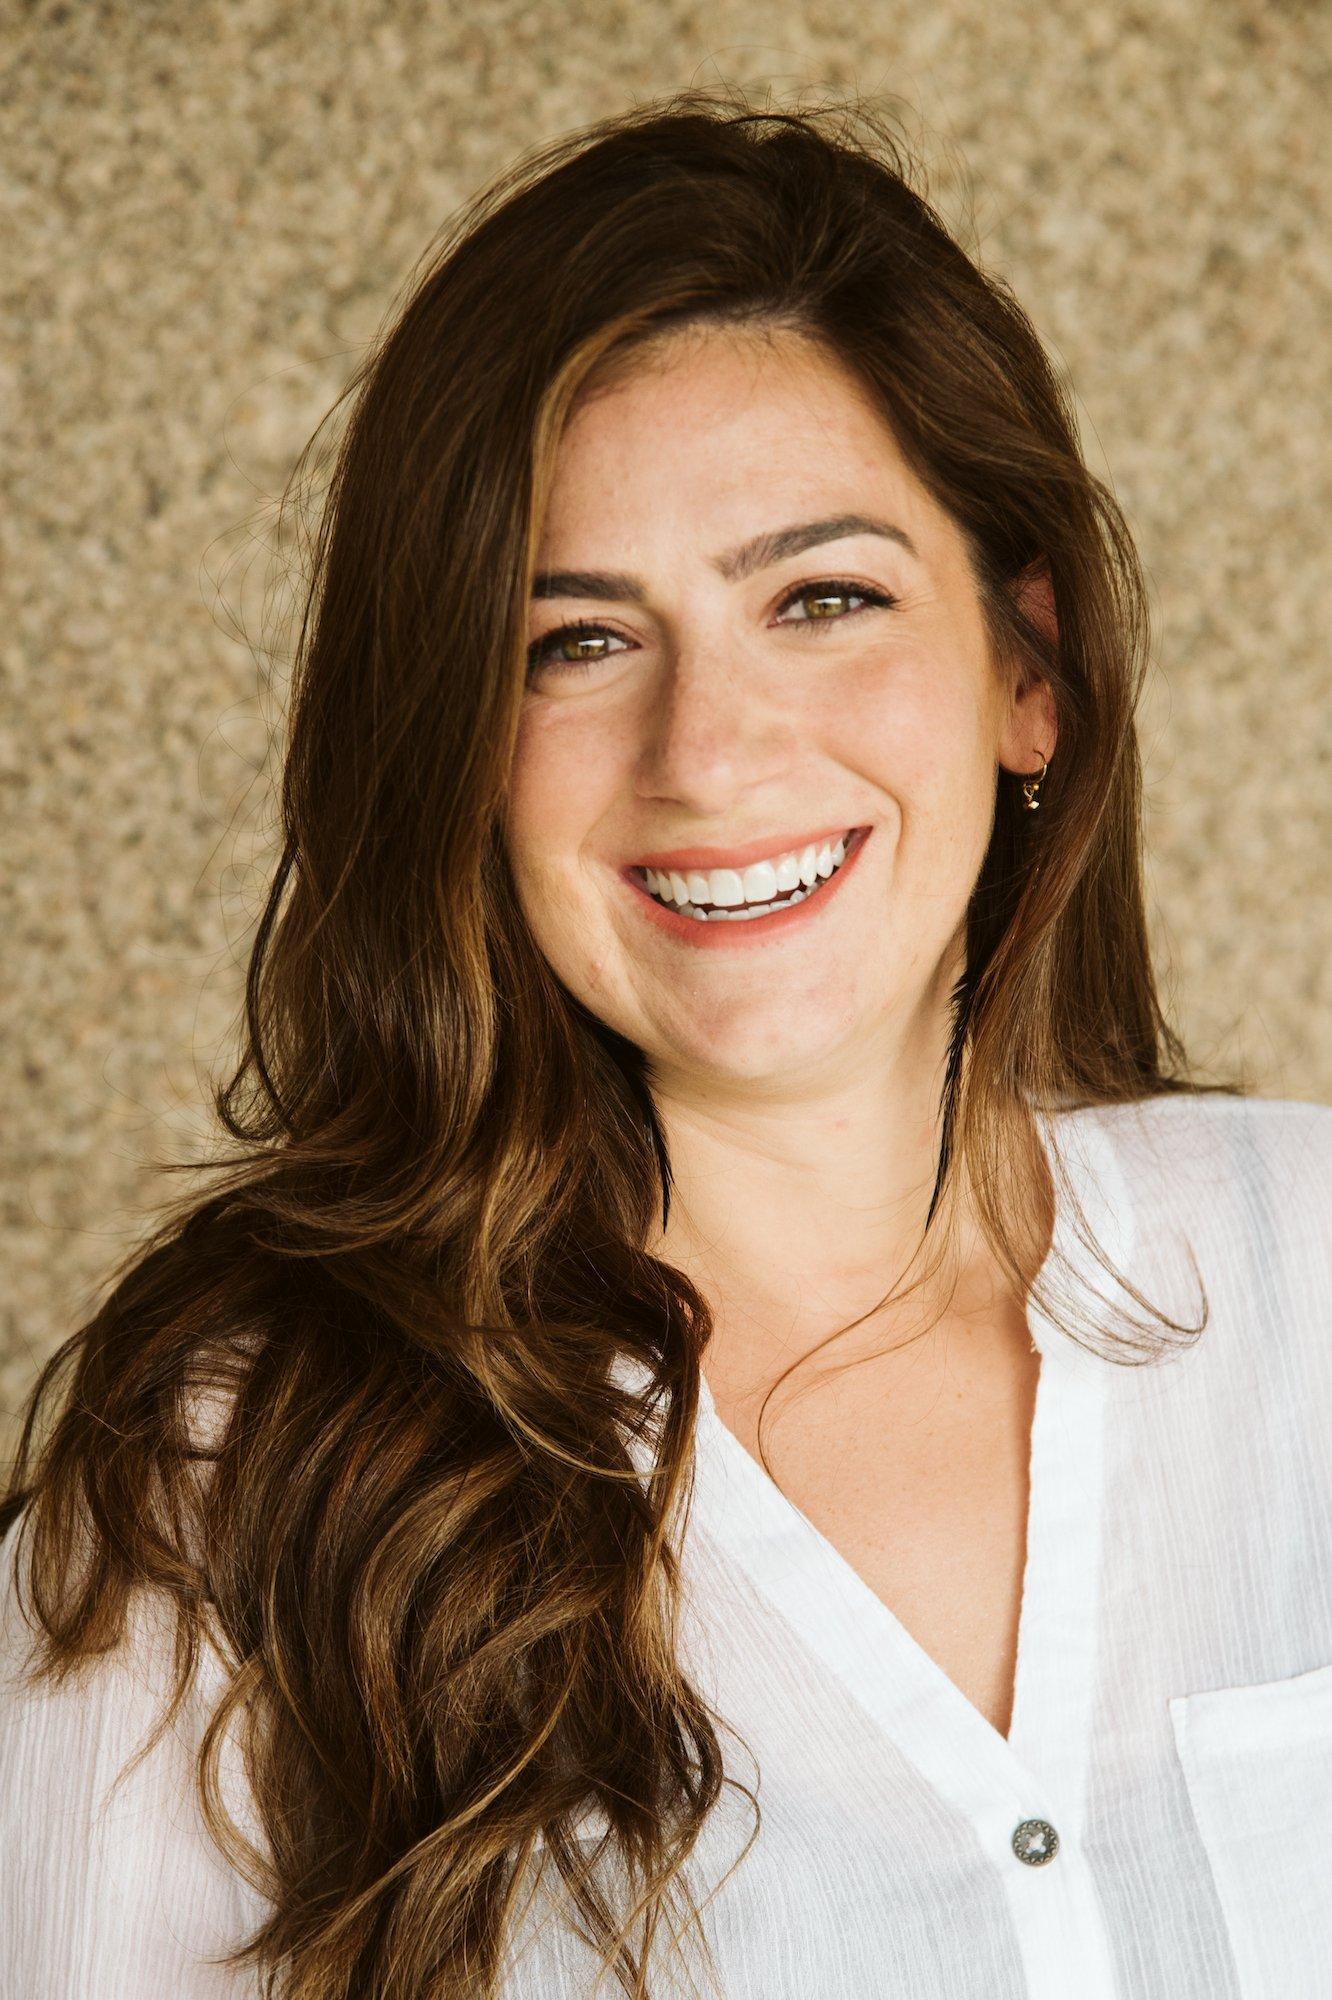 Briana Graziani